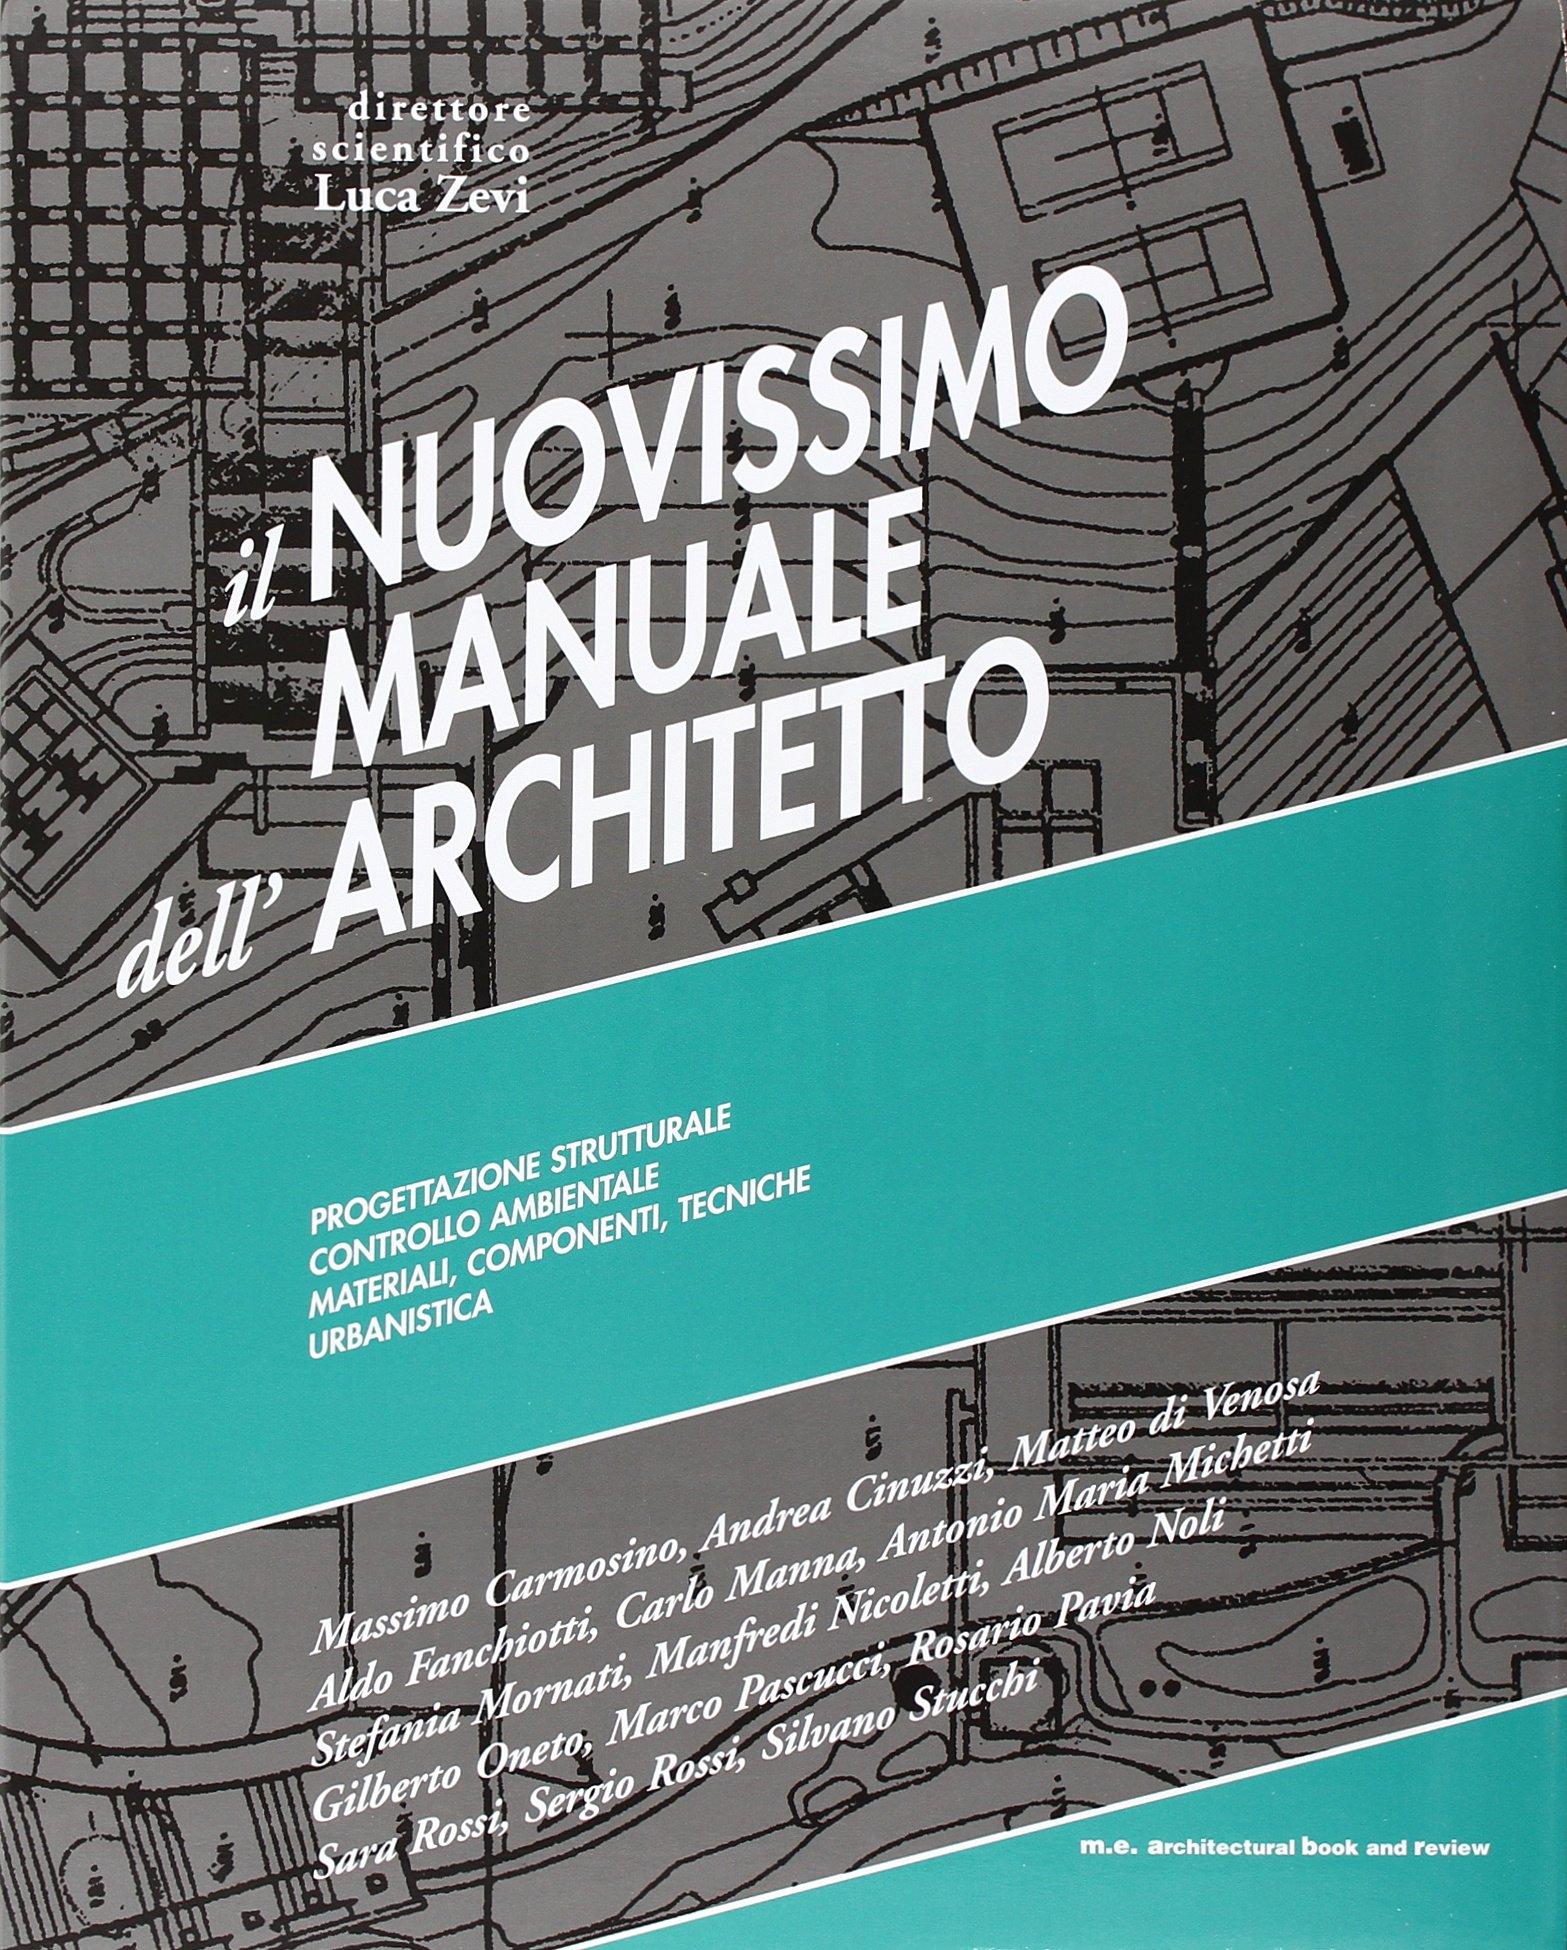 il nuovissimo manuale dell architetto con e book amazon co uk l rh amazon co uk manuale dell'architetto o neufert manuale dell'architetto o neufert